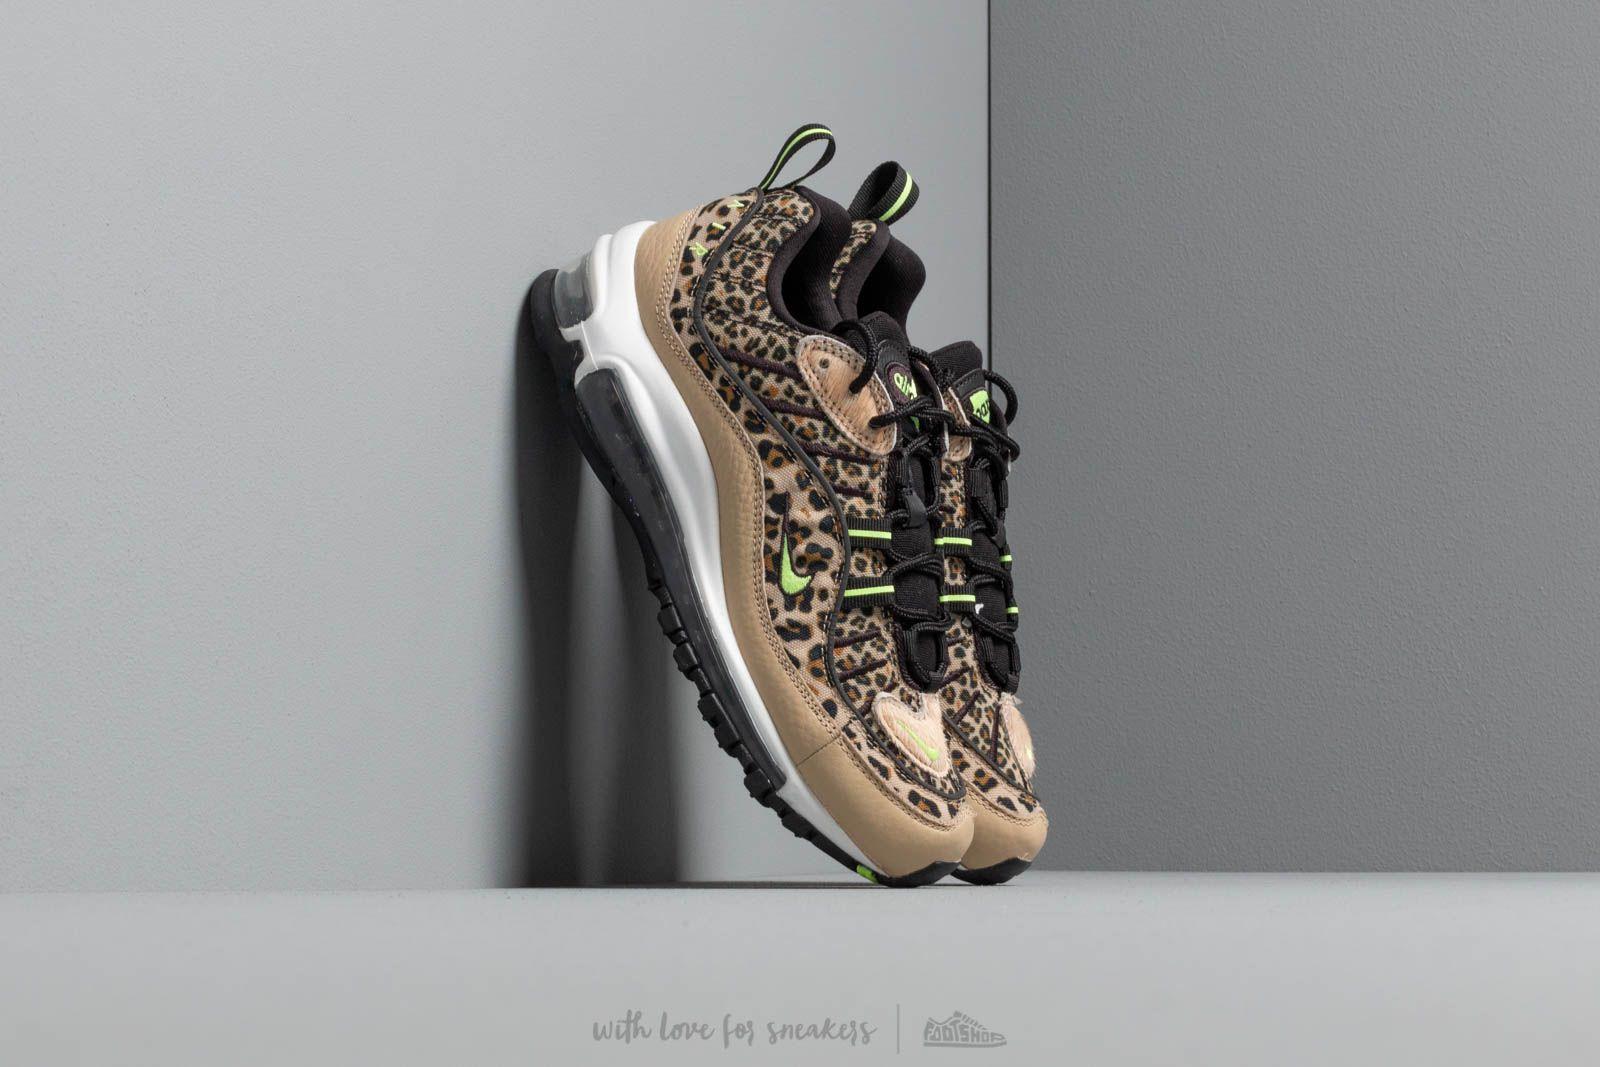 7b793e1e9a4 Nike W Air Max 98 Prm Desert Ore  Volt Glow-Black-Wheat at